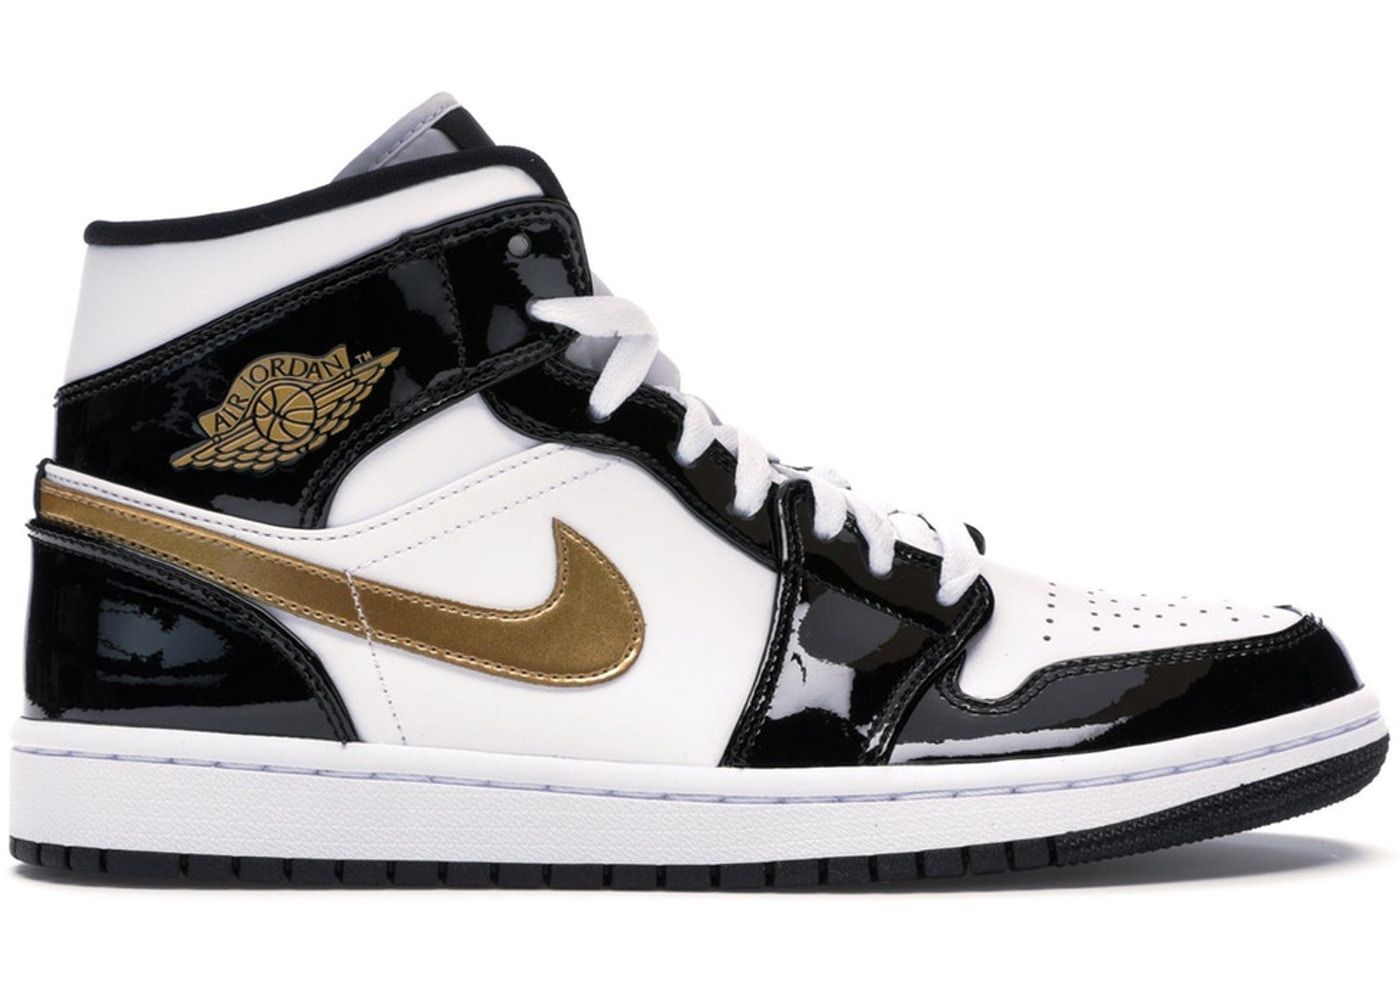 Jordan 1 Mid Patent Black White Gold Air Jordan Retro